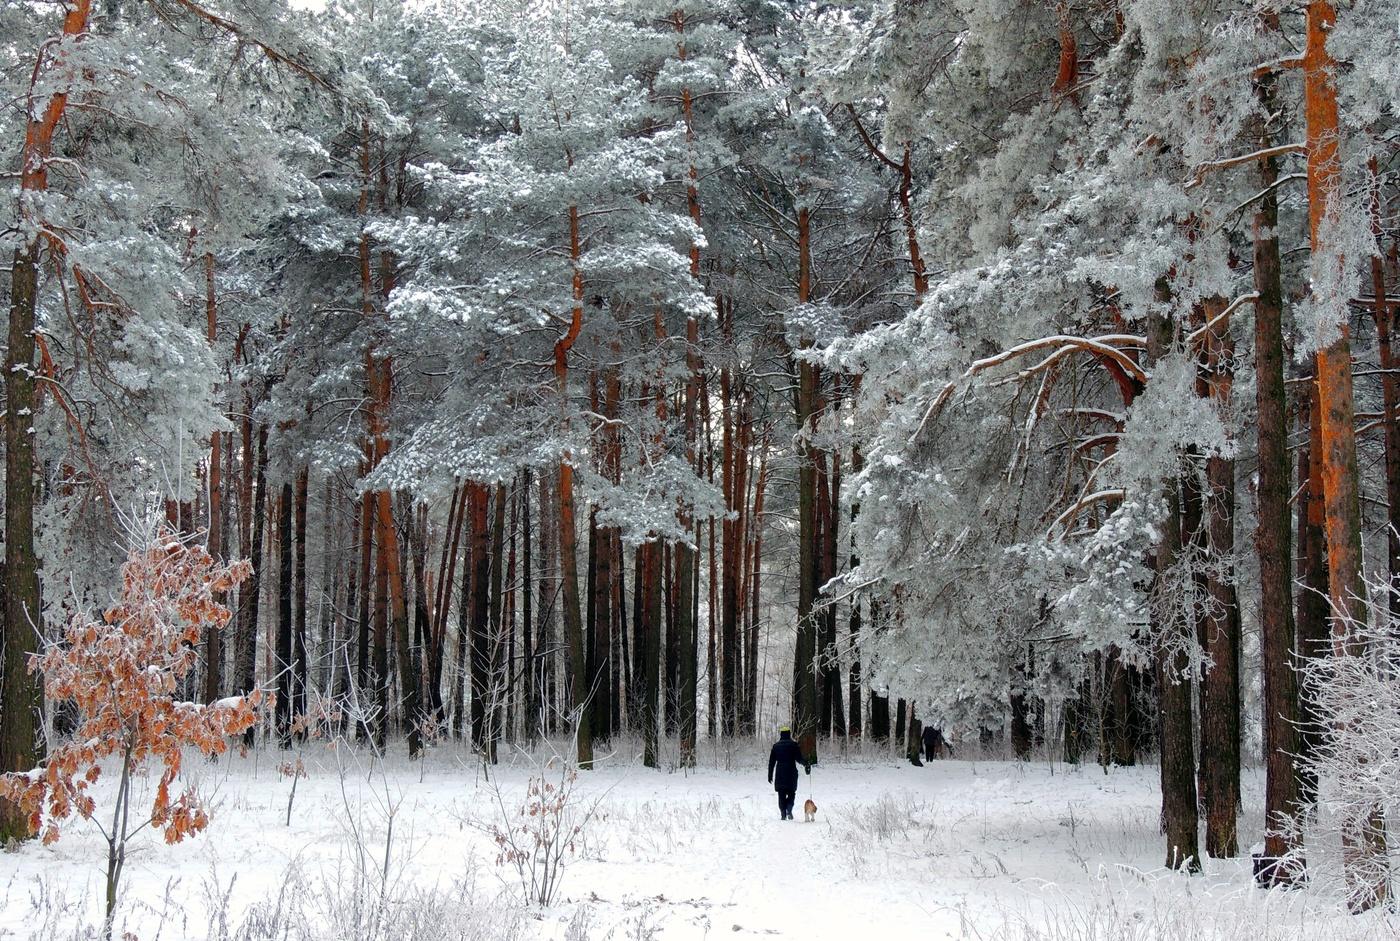 обои путешествие в зимний лес с фотоотчетом сада райский уголок